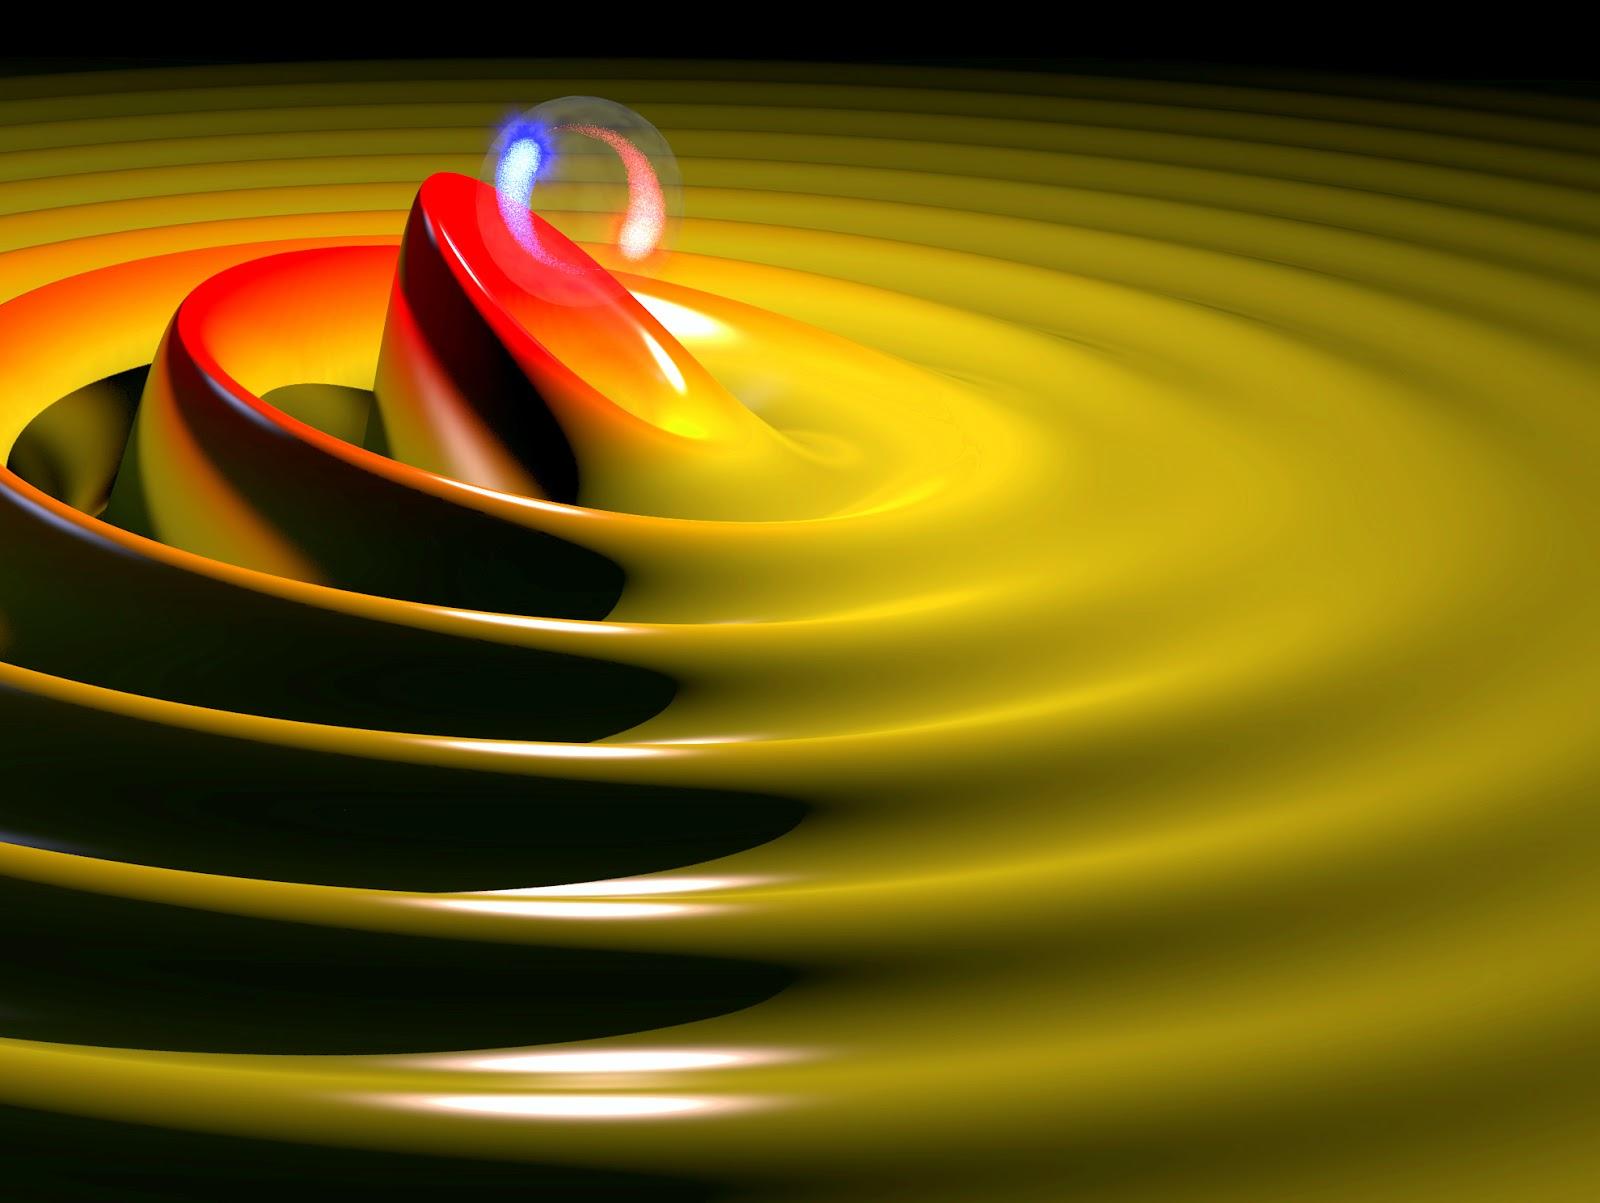 845 1 - La ilusión jerárquica de la Luz.